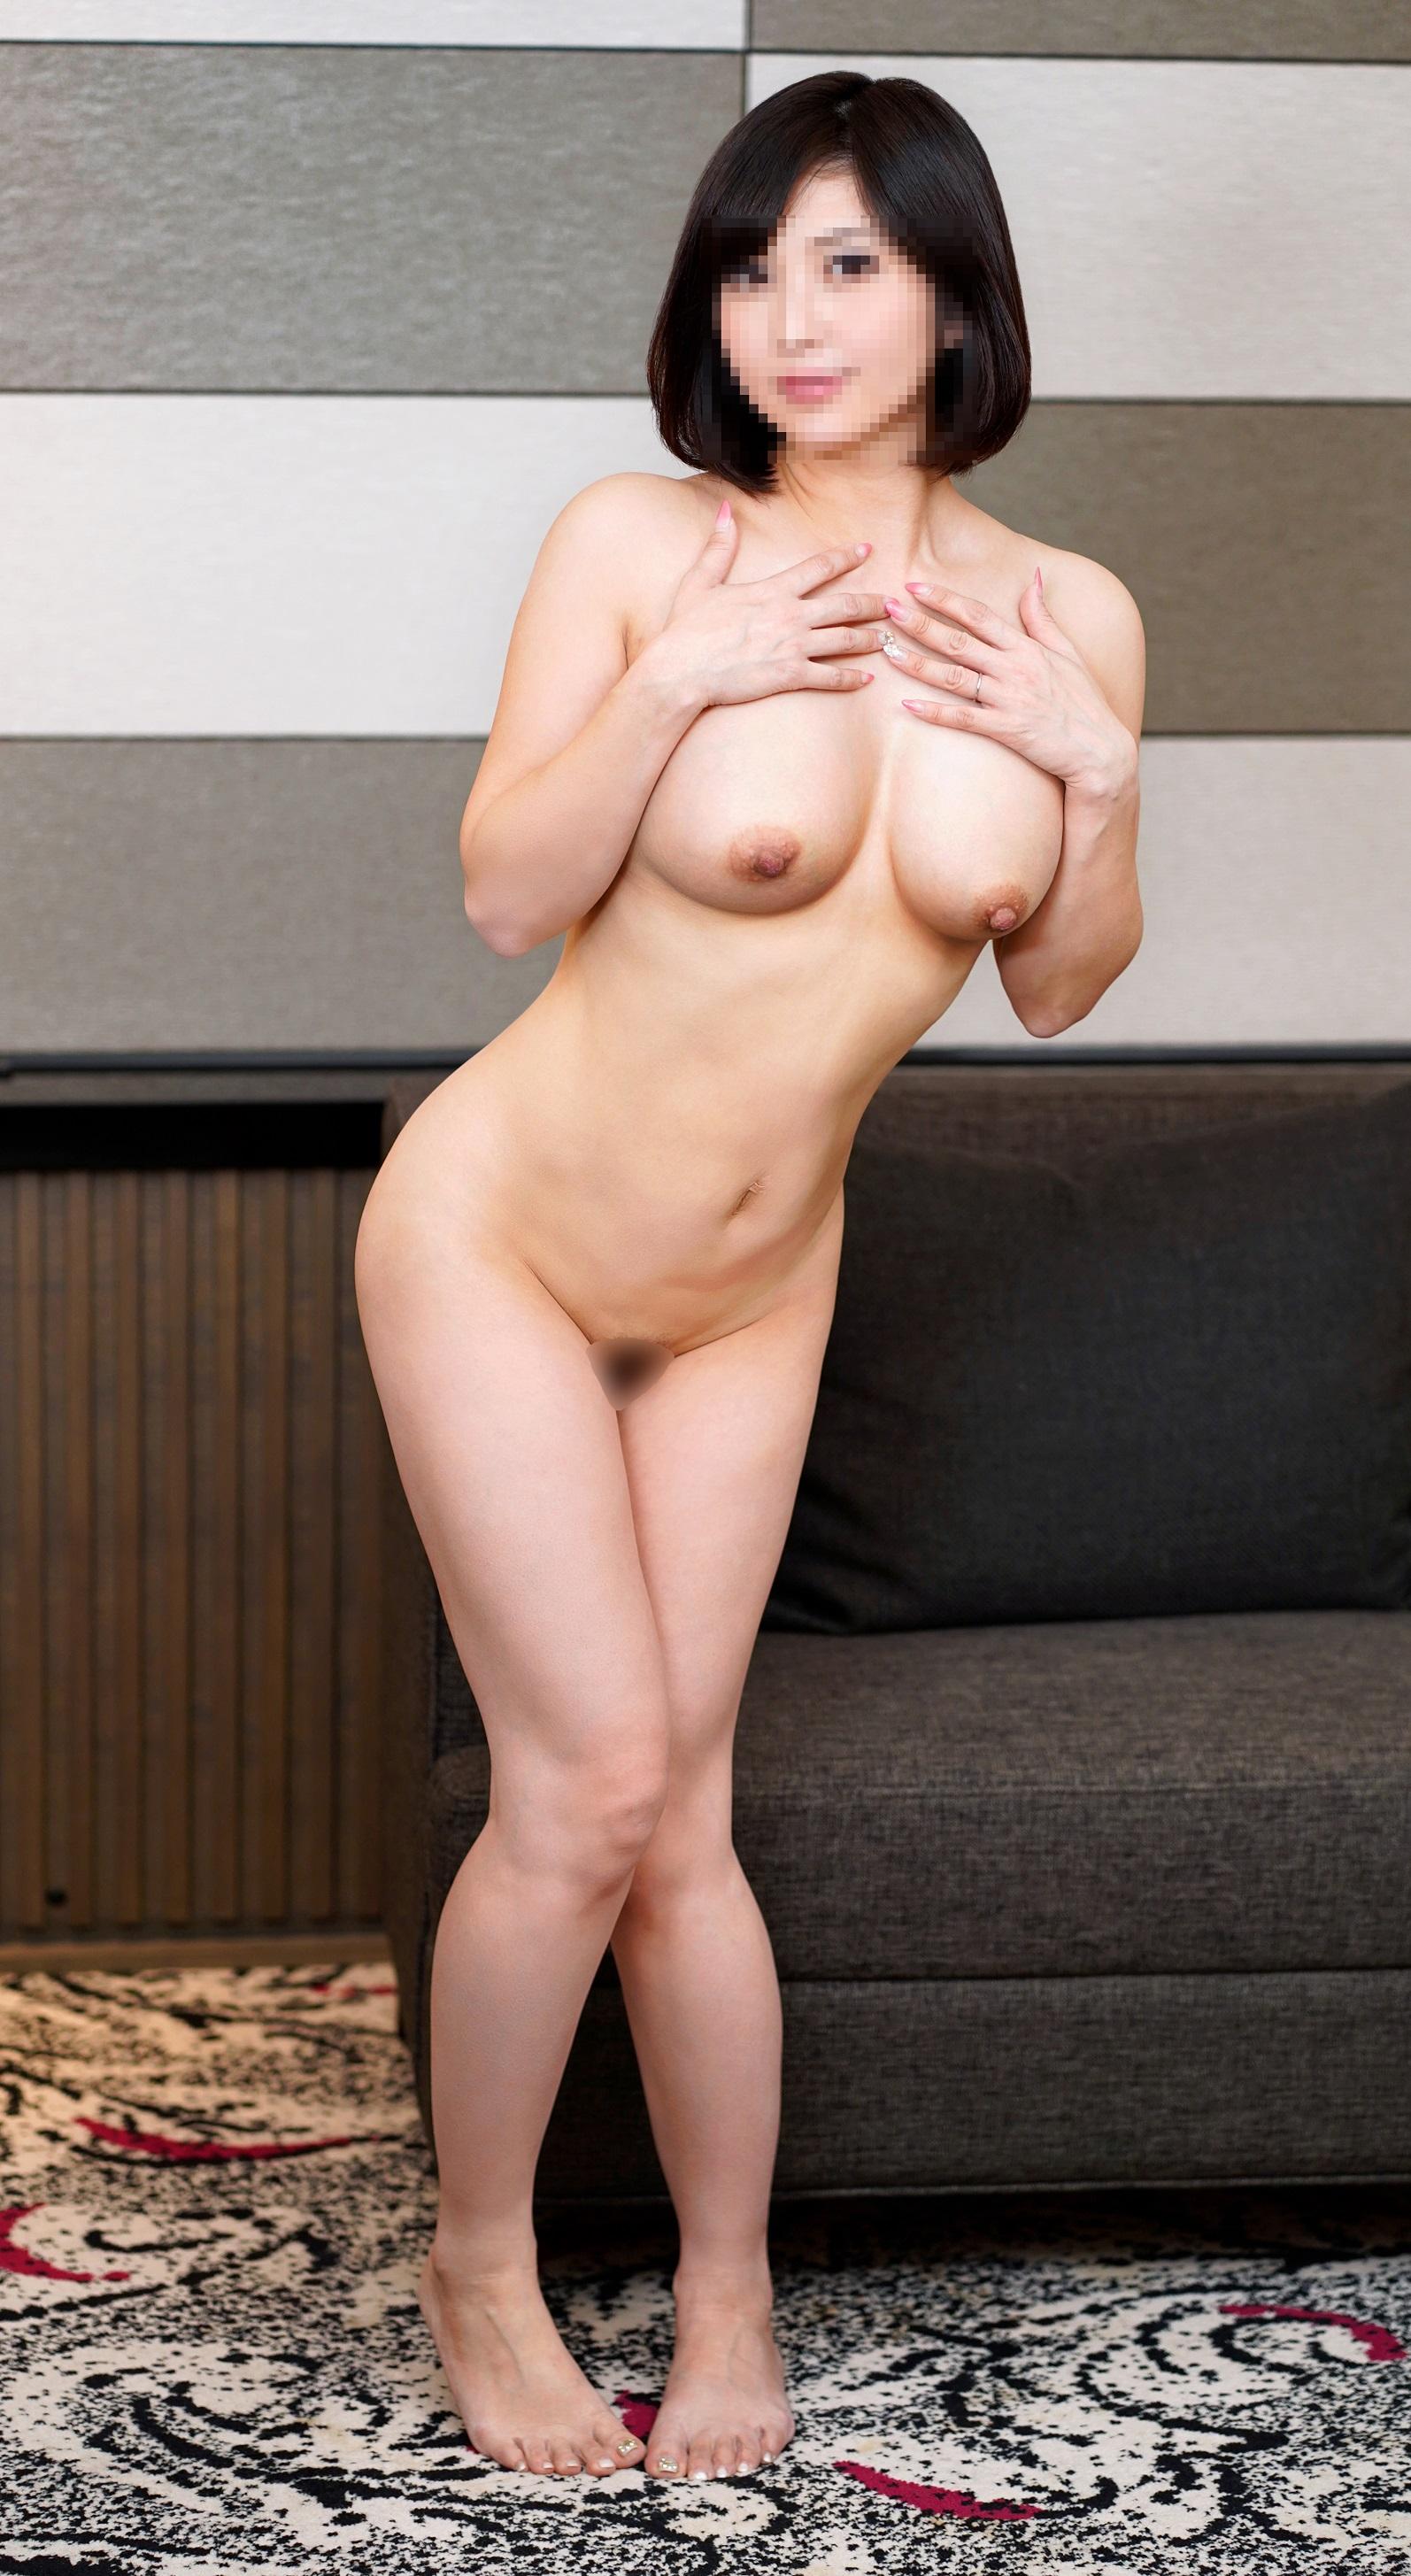 【個人】美人ネイルサロンオーナー38歳が旦那の後輩とハメ撮り。ガン突きされ膣奥までザーメンをねじ込まれNTRセックス【流出】【初回特別価格】